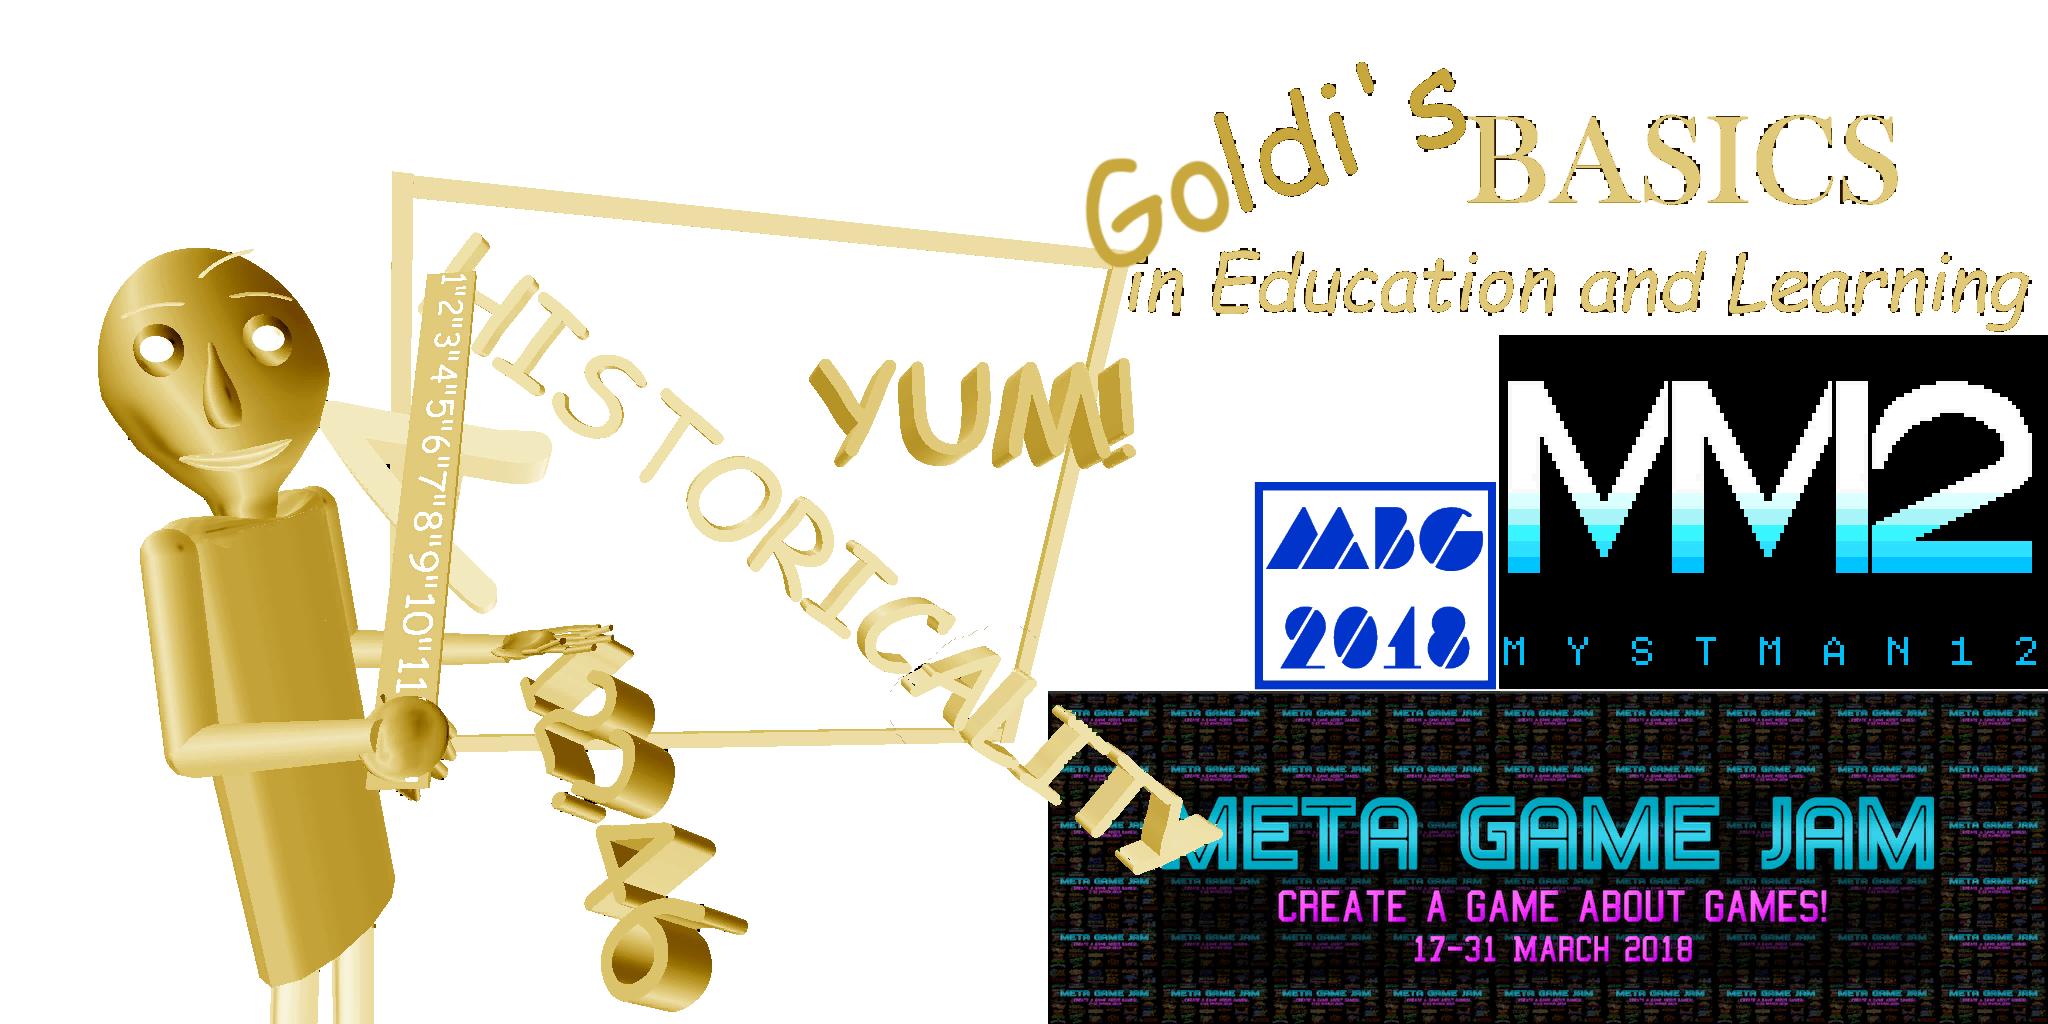 Goldi's Basics (Baldi's Basics)